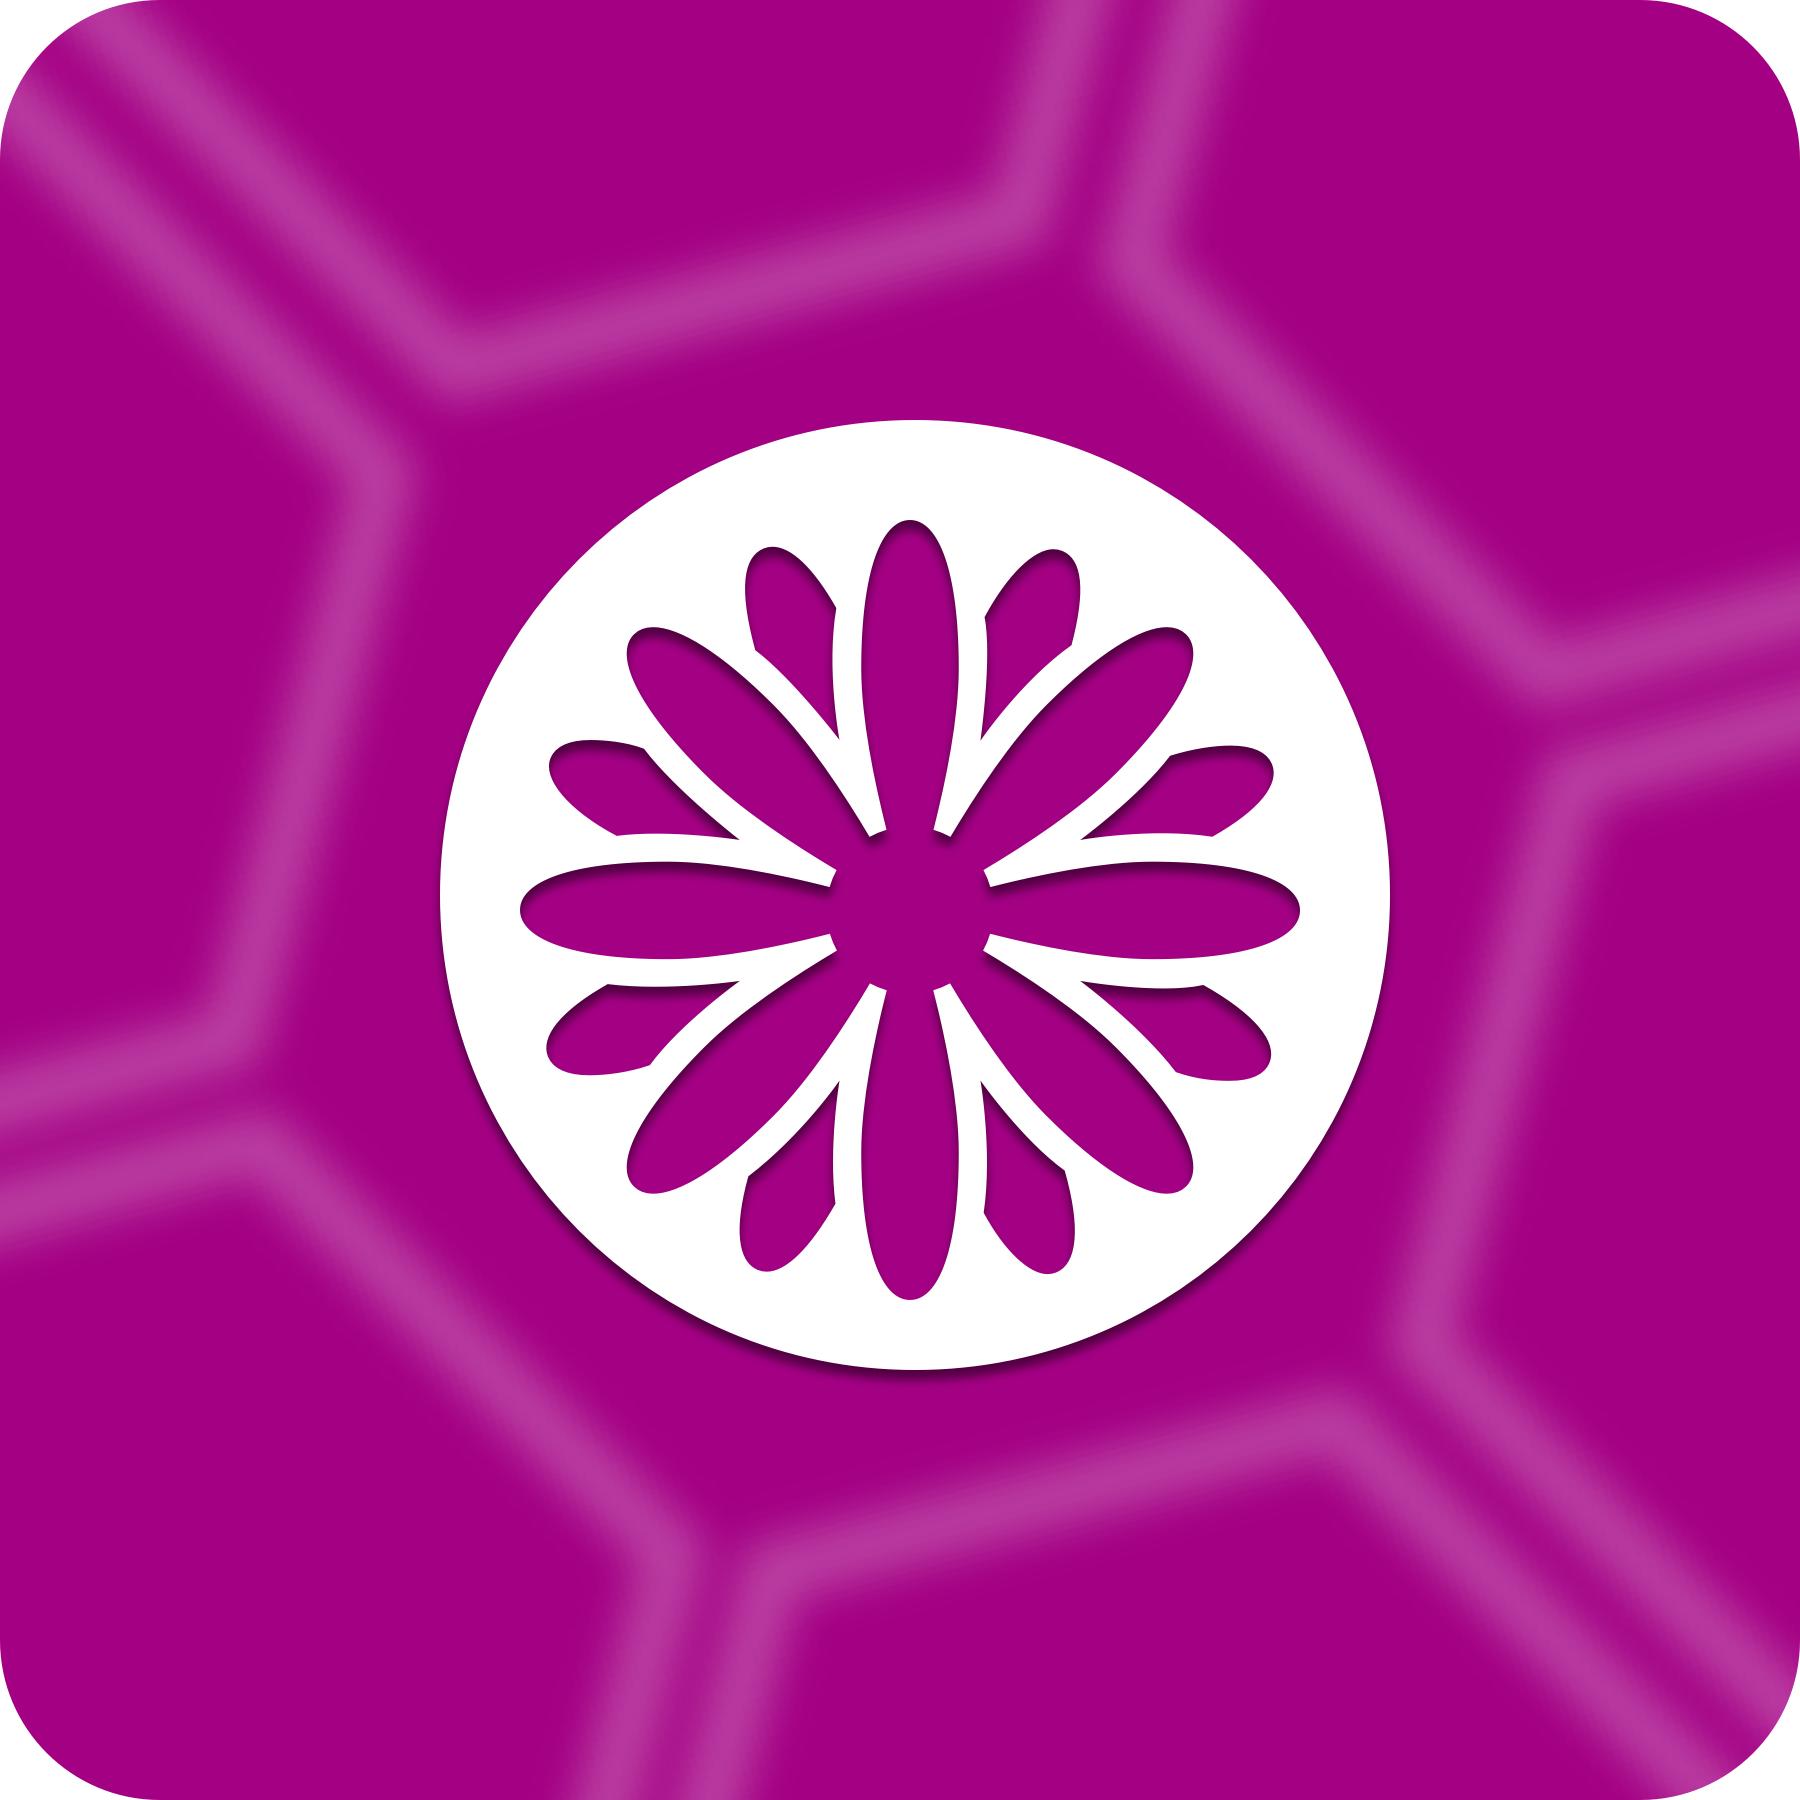 beezwax > services > FileMaker Development